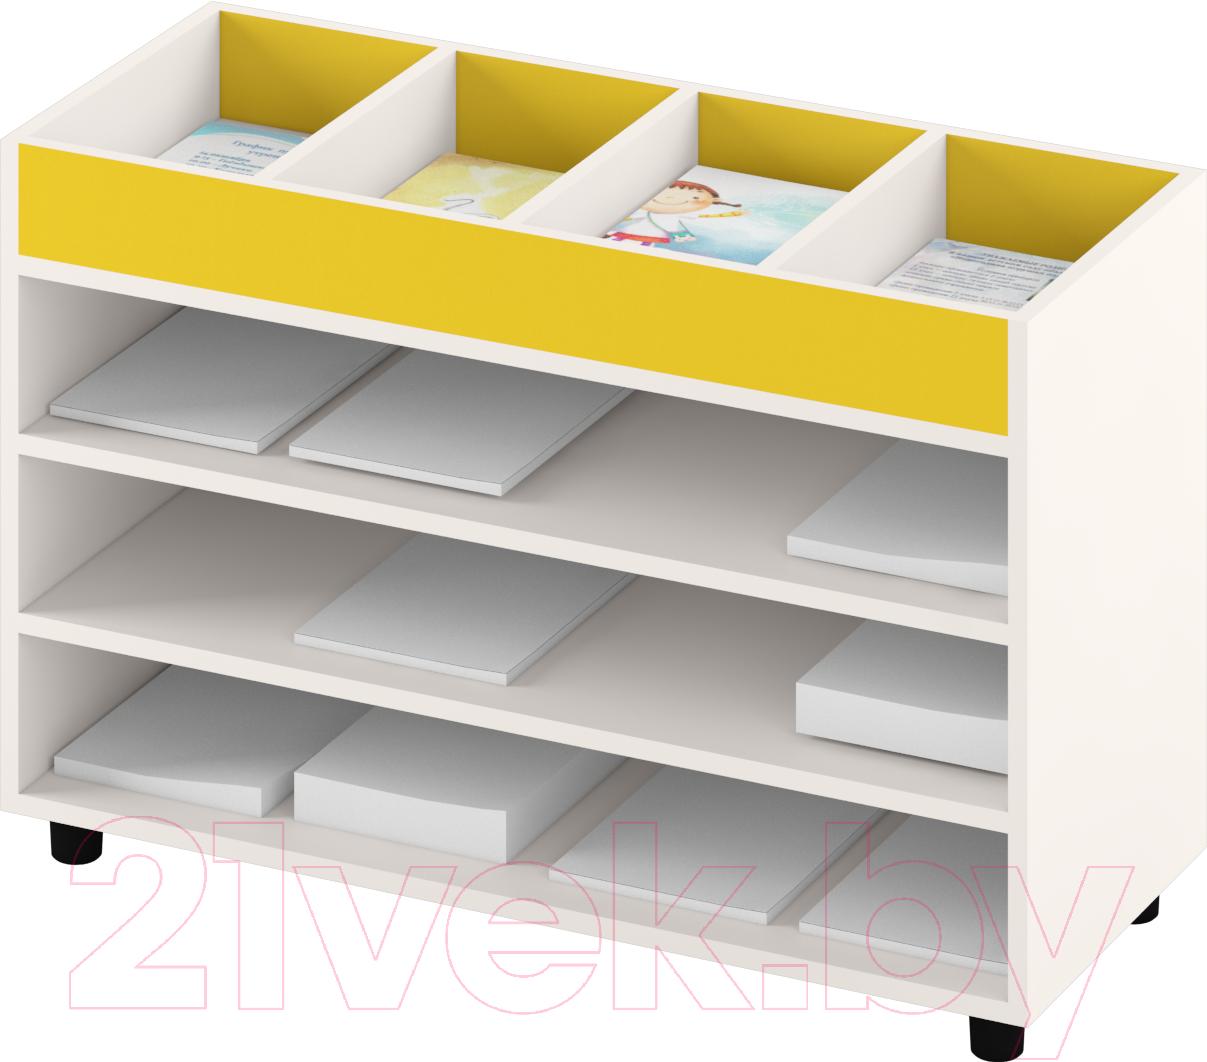 Купить Система хранения Славянская столица, ДУ-СМ5 (белый/желтый), Беларусь